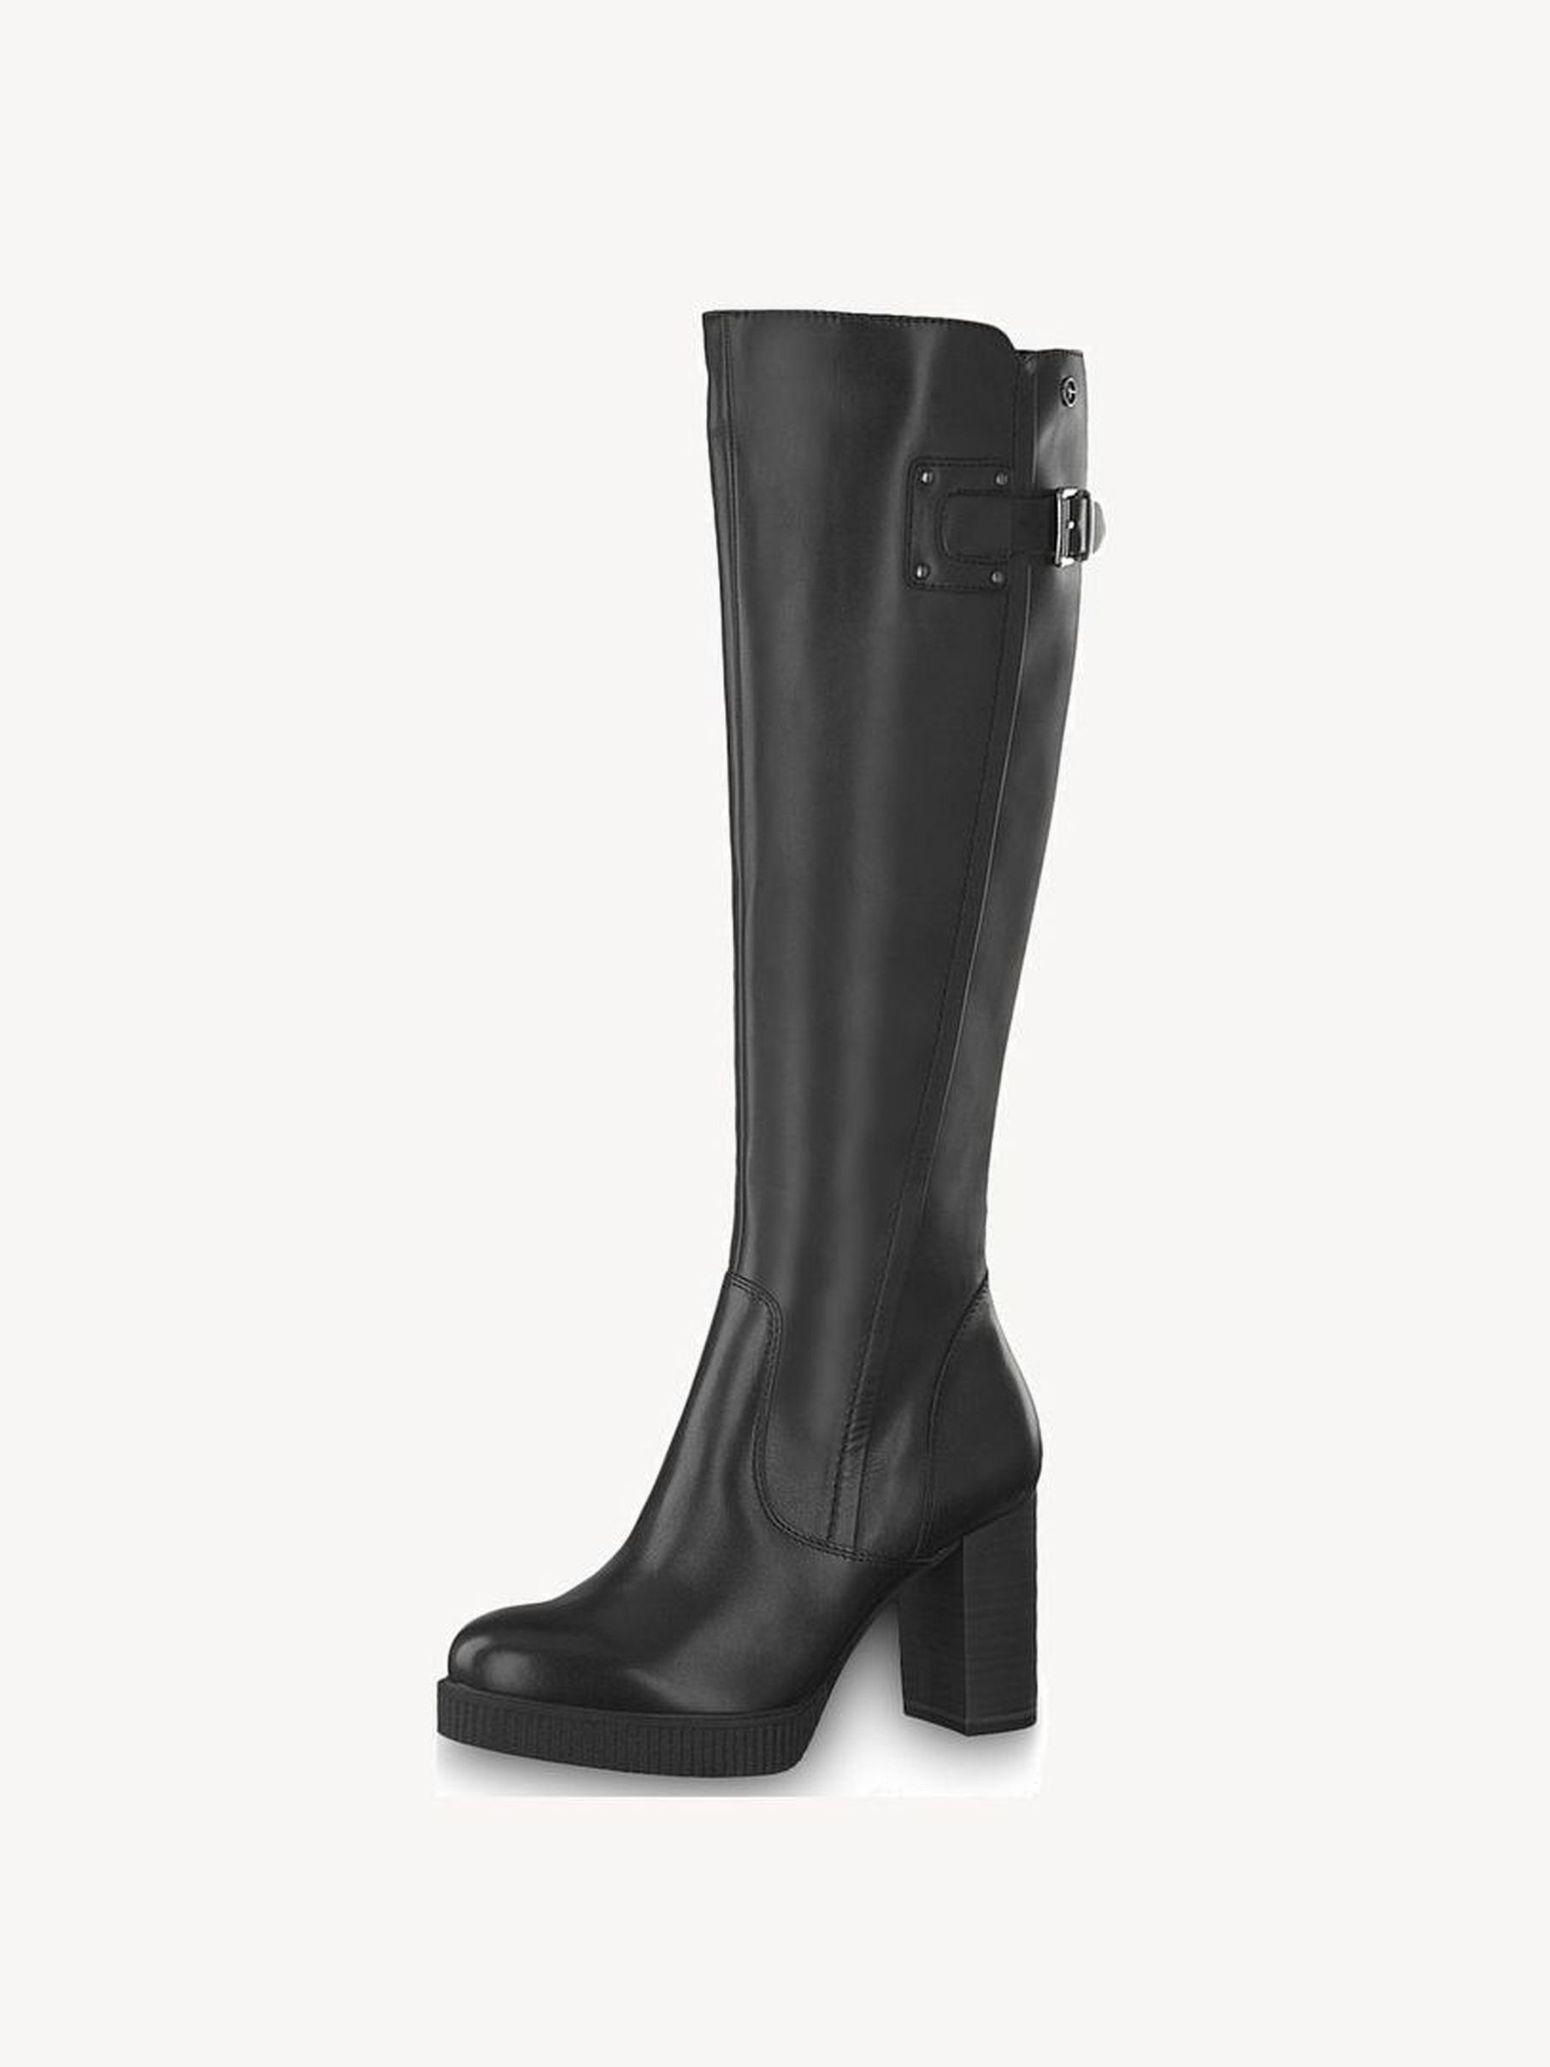 Stiefel 1 1 25517 21: Tamaris Stiefel online kaufen!